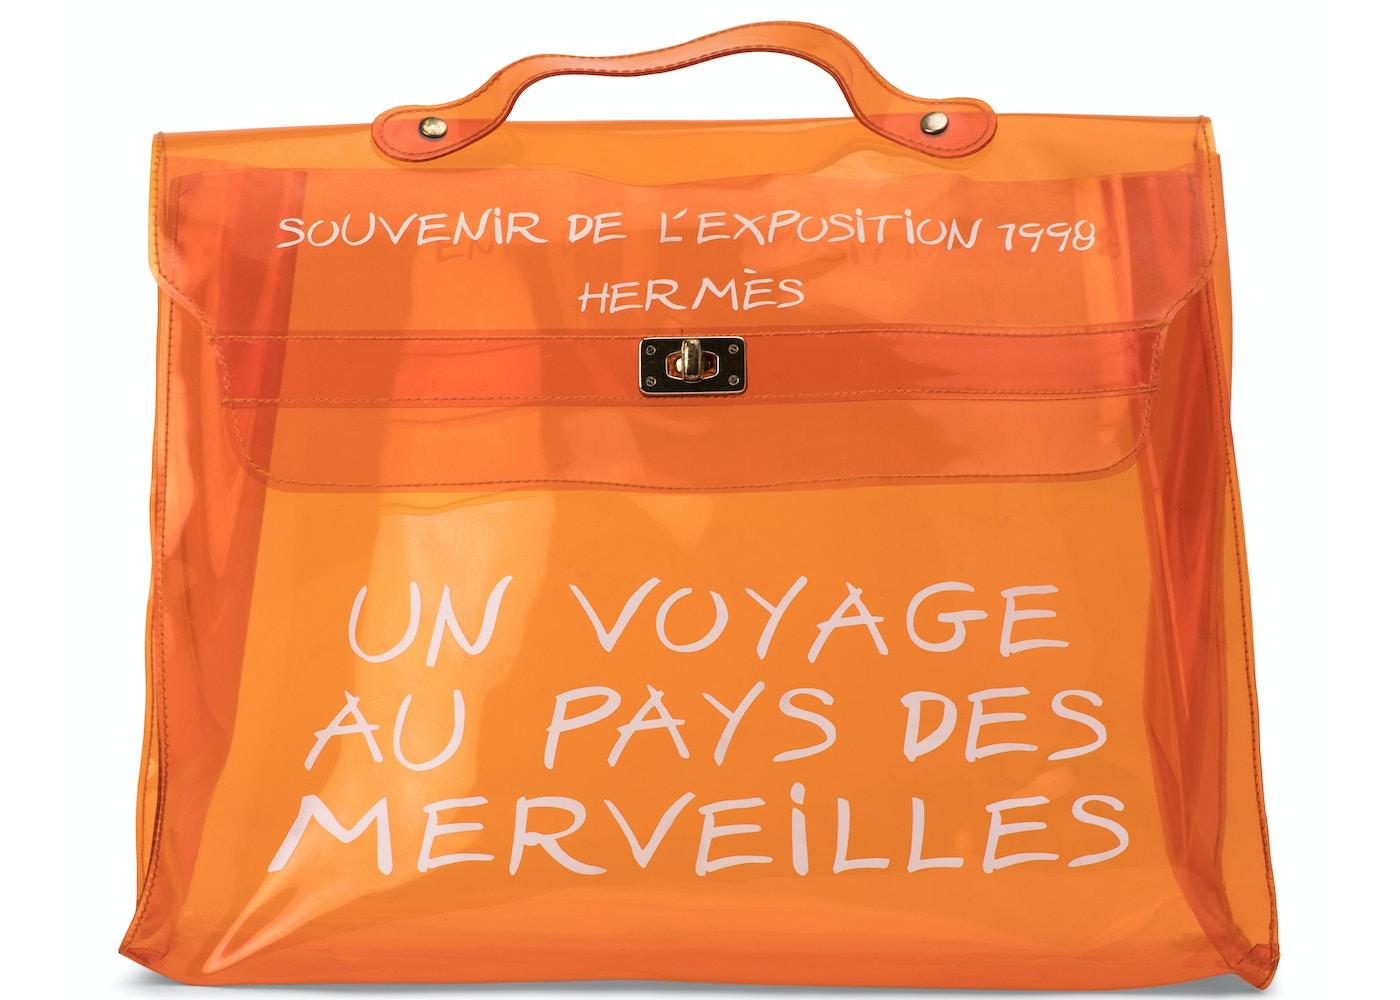 9ea69ce83a0b Hermes Vintage 1997 Kelly Souvenir De L Exposition Vinyl Transparent  Orange. Souvenir De L Exposition Vinyl Transparent Orange